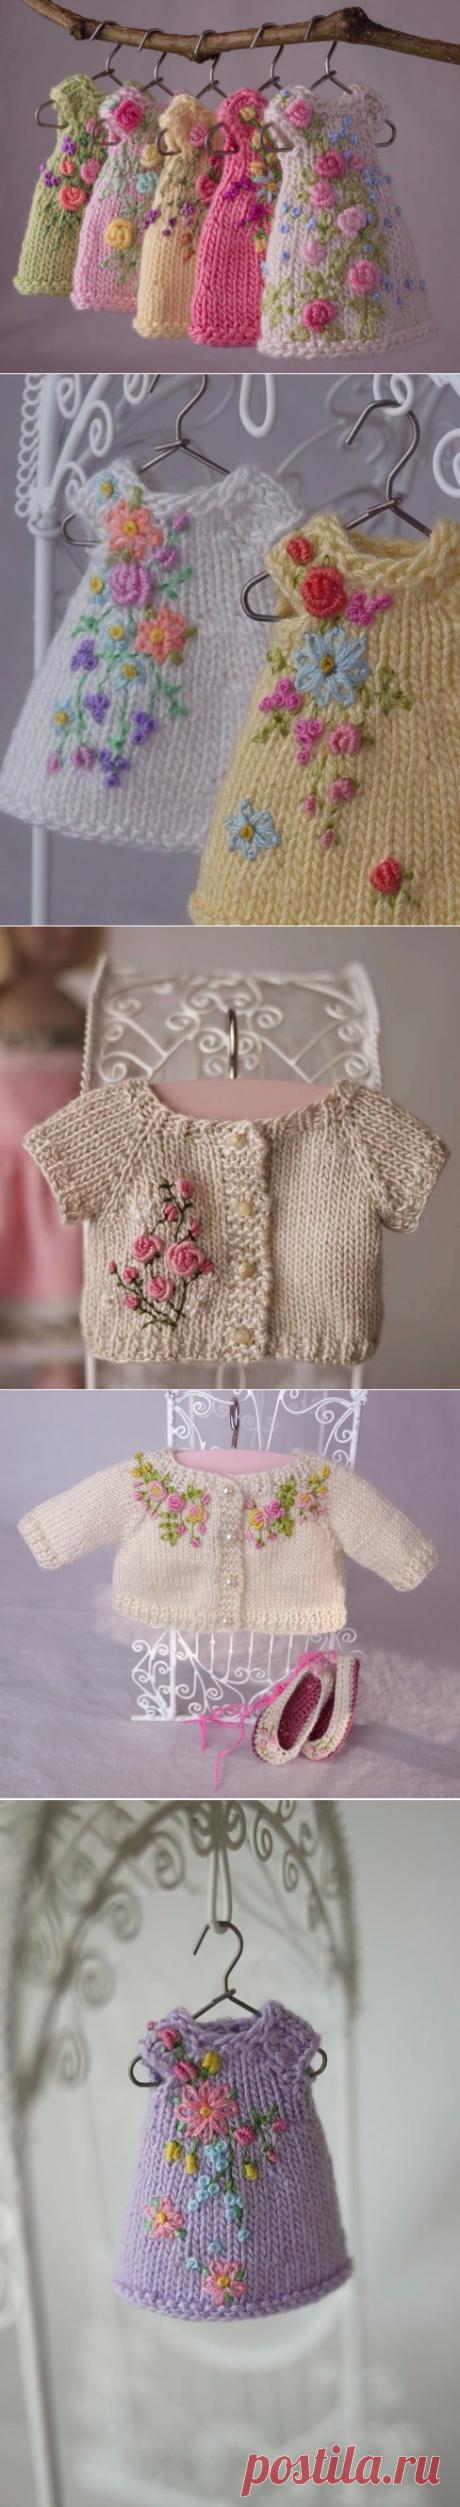 Миниатюрные вязаные одежки для игрушек :)